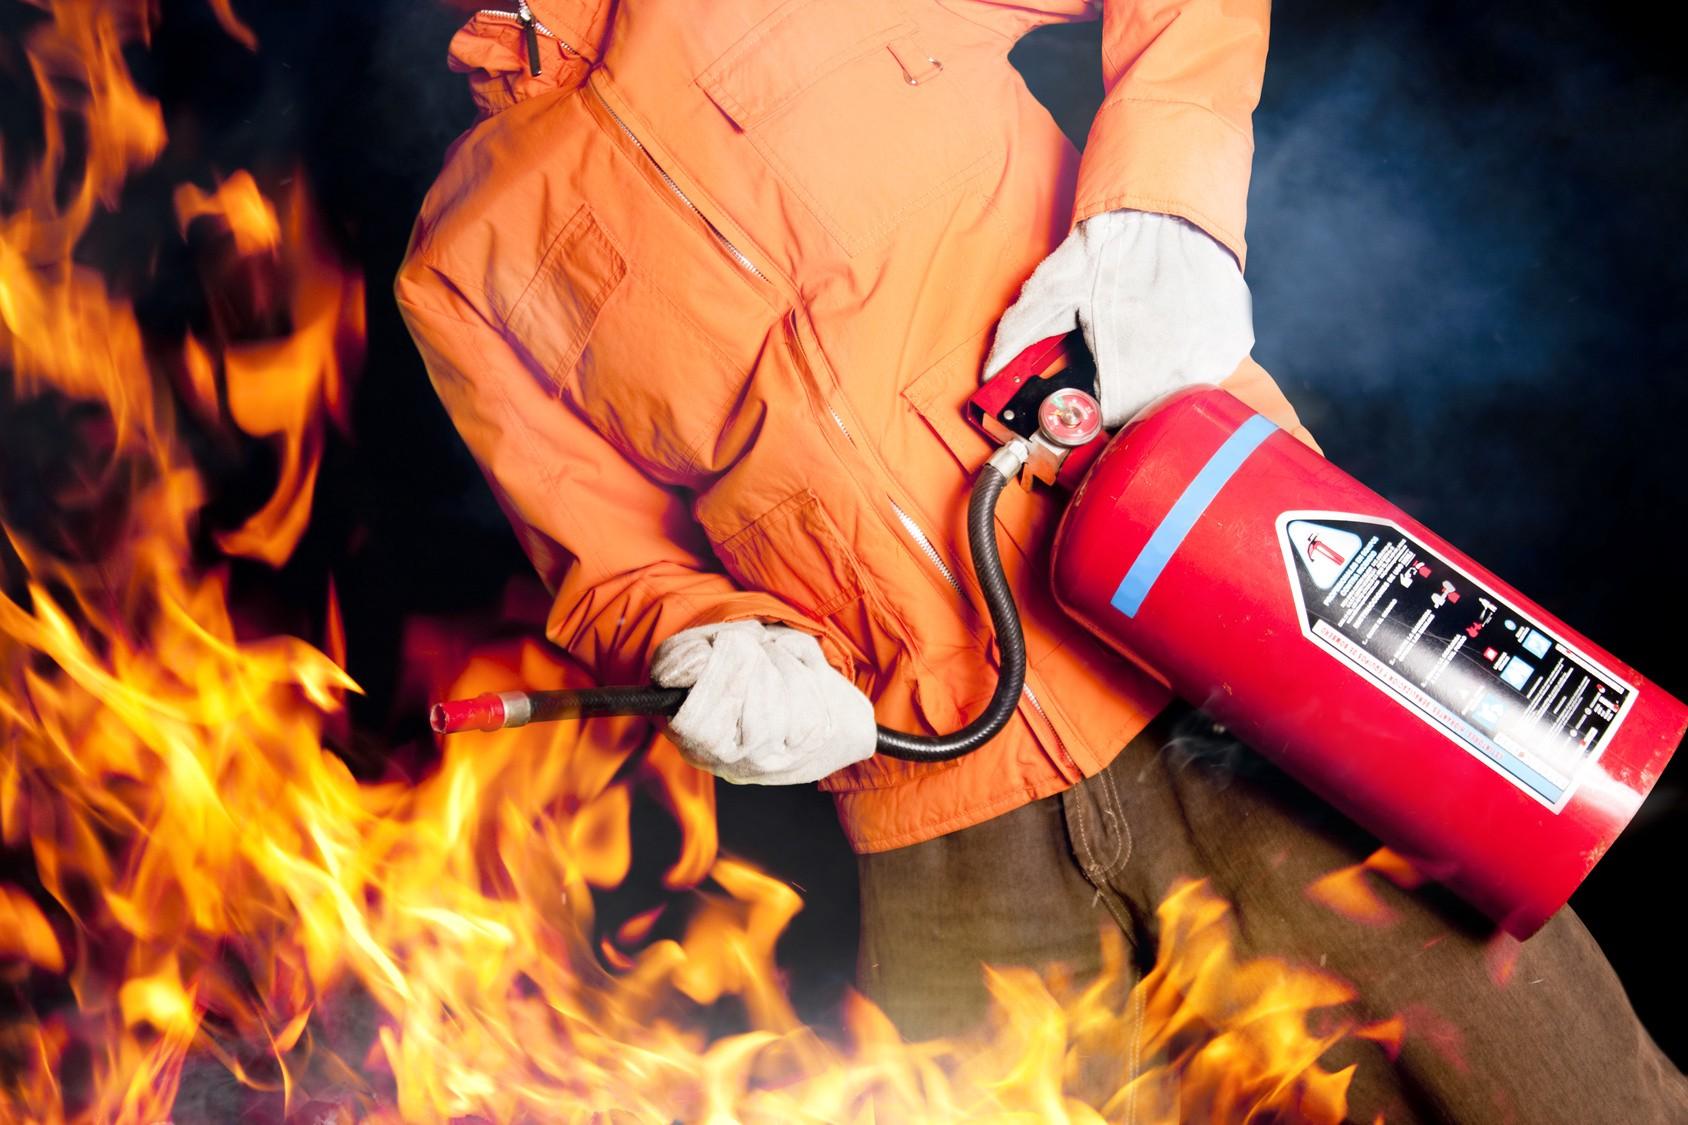 Сотрудники МЧС напомнили жителям Волгодонского района о пожарной безопасности в быту